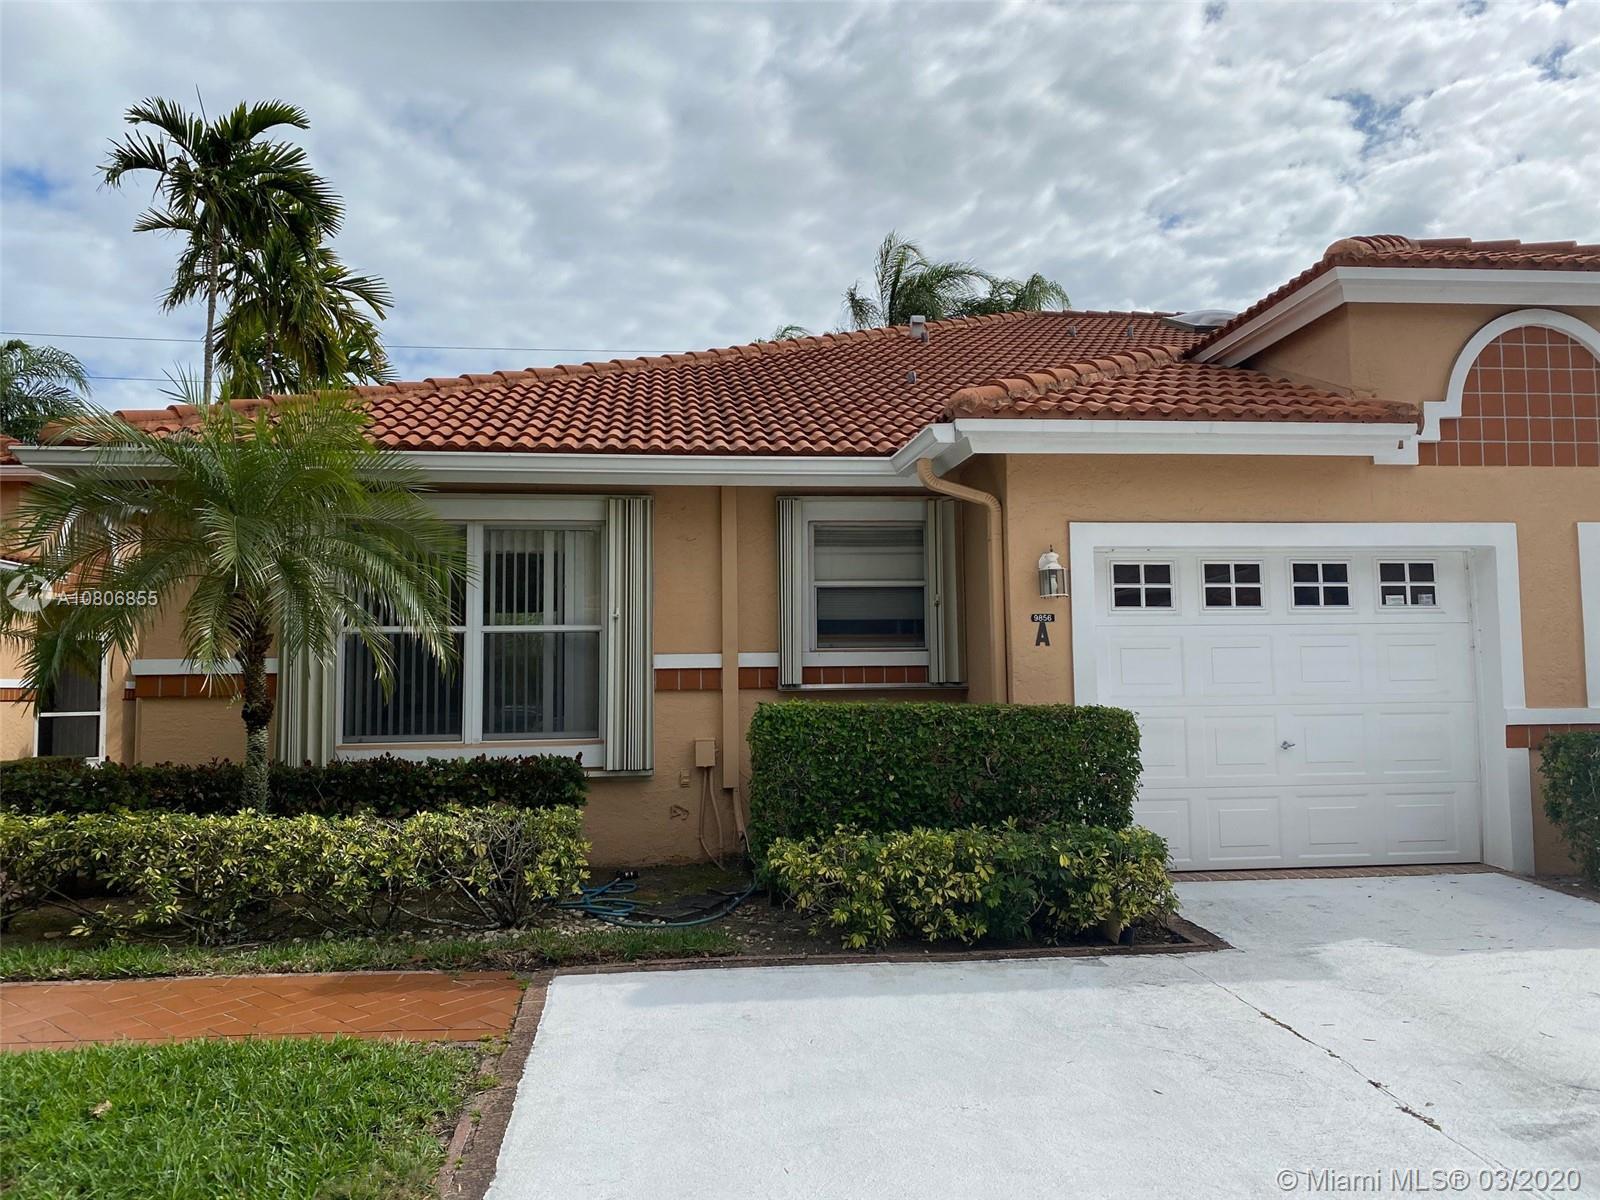 9856 Summerbrook Ter A, Boynton Beach, FL 33437